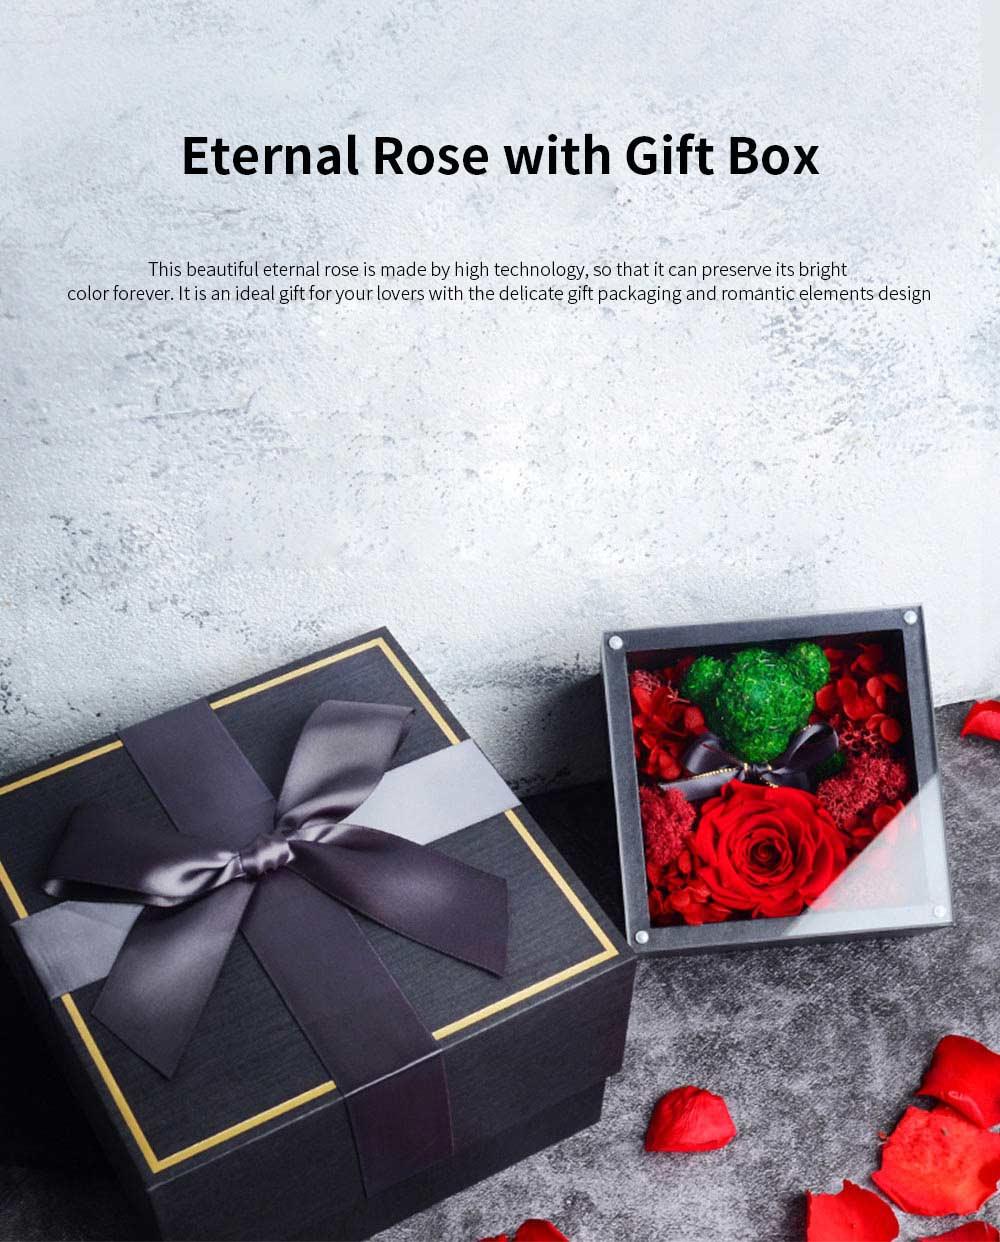 Eternal Rose with Gift Box Forever Blossom Flower for Love Ones Artificial Eternal Life Flower Gift for Mom Lover Girlfriend 0